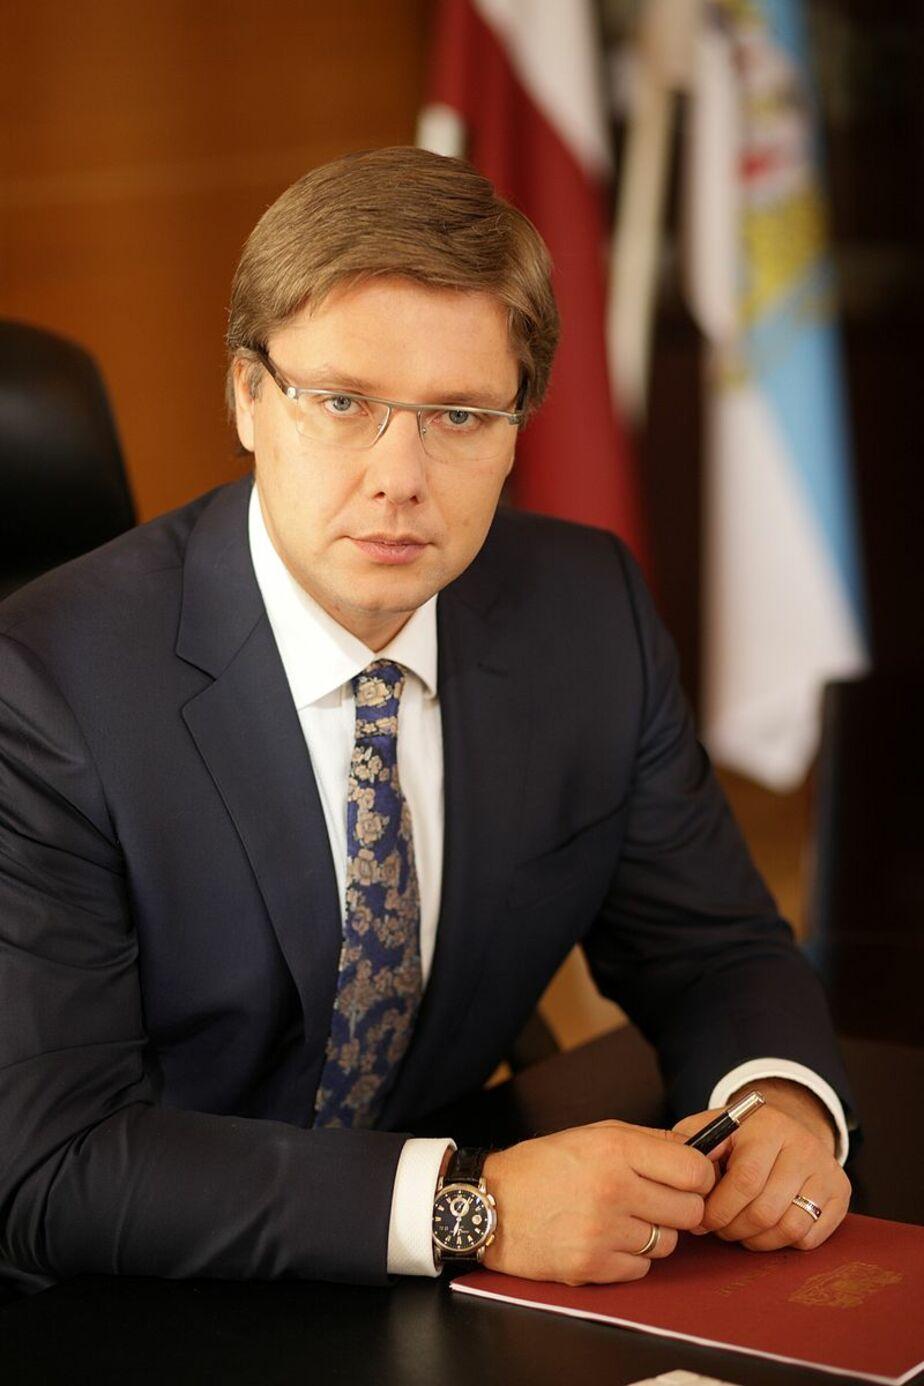 Мэр Риги об ИГИЛ: Латвия должна быть с Россией в борьбе против абсолютного зла - Новости Калининграда